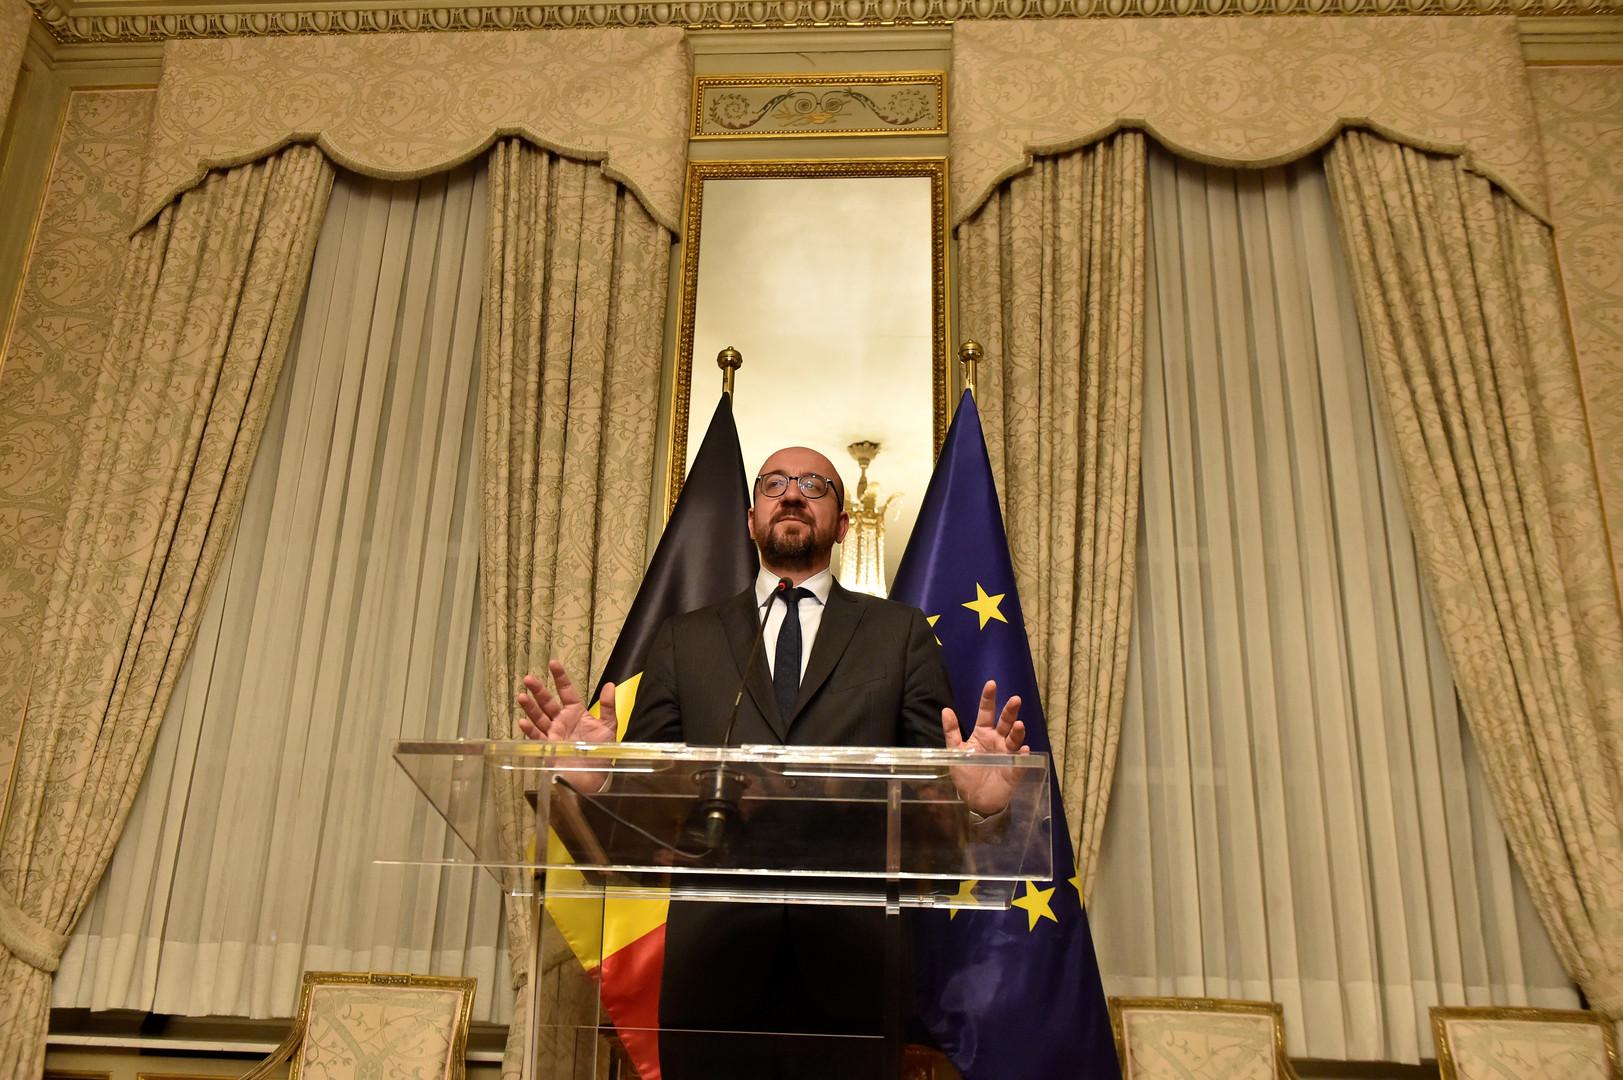 استقالة رئيس الحكومة البلجيكية جراء خلافات بشأن الهجرة